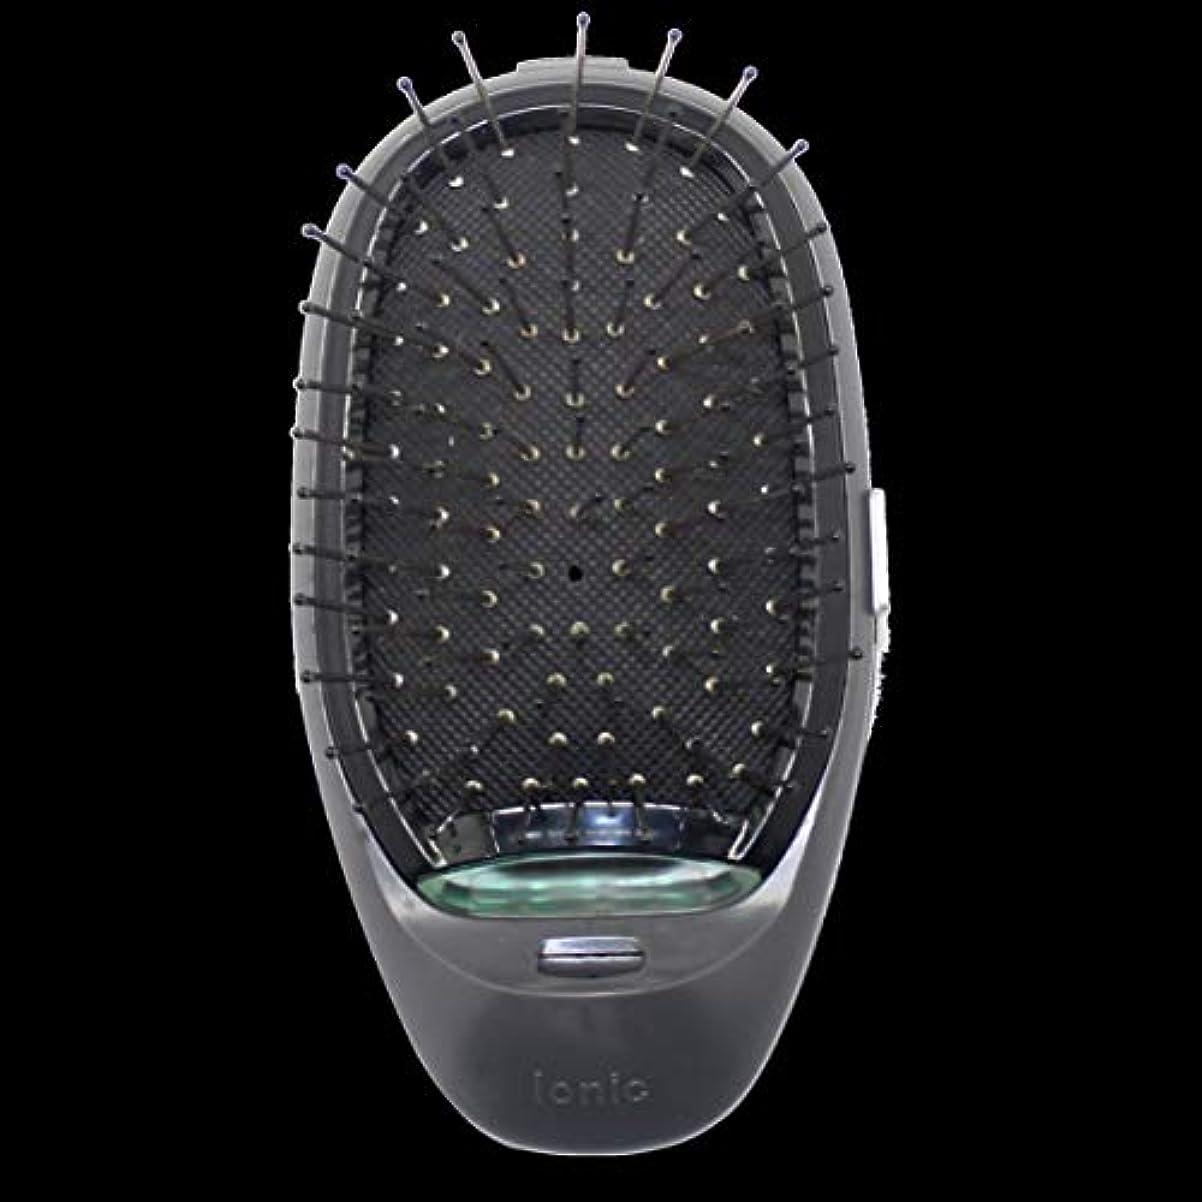 しょっぱい豊かにするフォルダ電動マッサージヘアブラシミニマイナスイオンヘアコム3Dインフレータブルコーム帯電防止ガールズヘアブラシ電池式 - ブラック